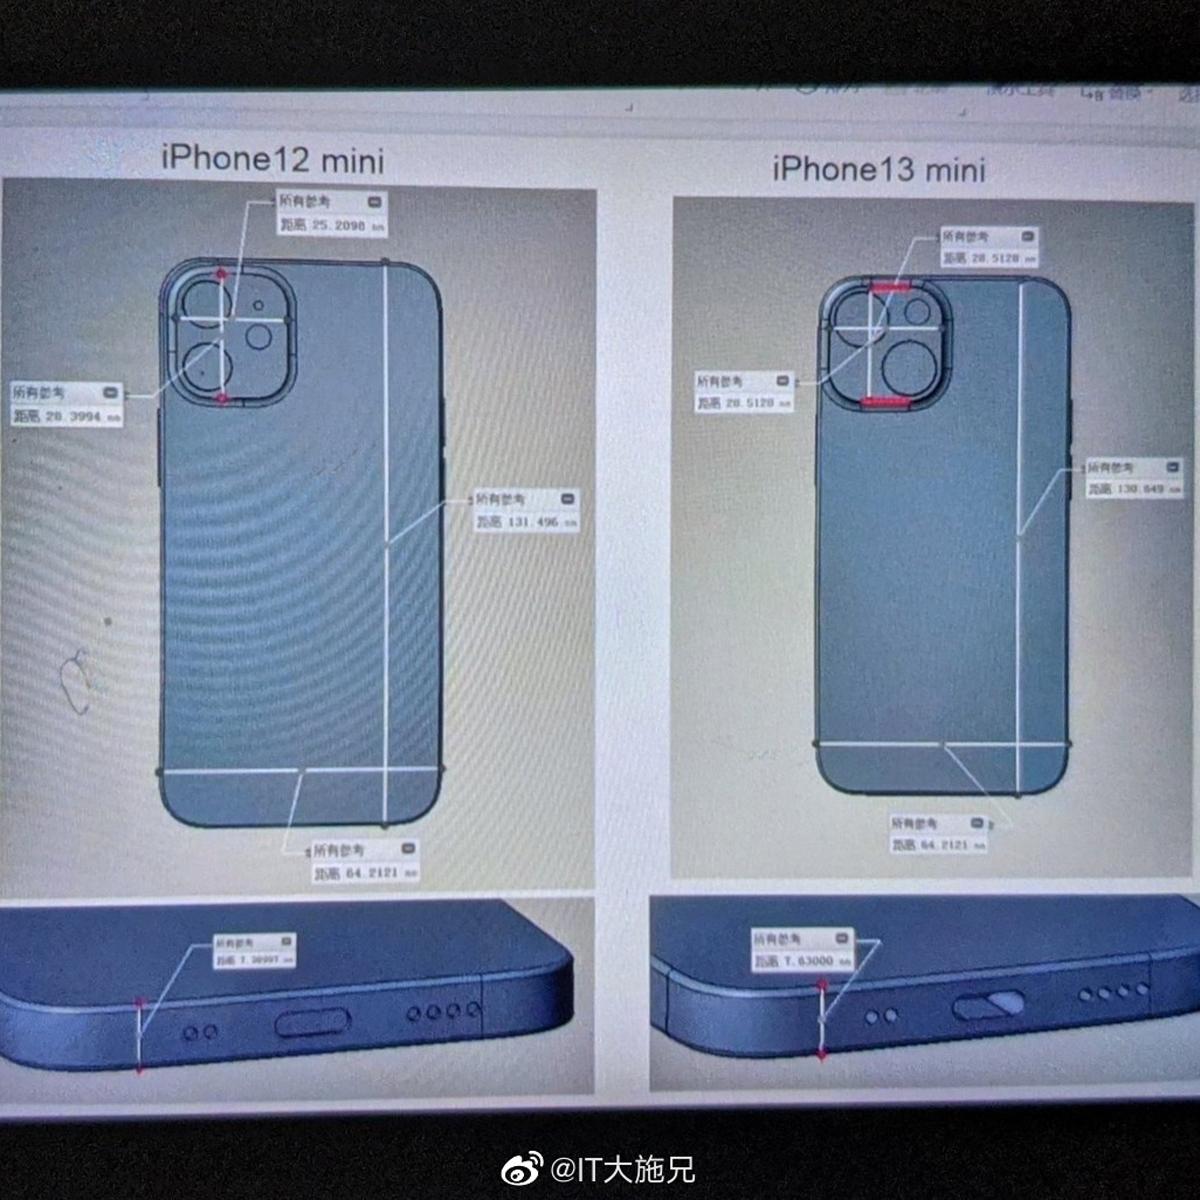 Fugas de diseño del iPhone 13 mini